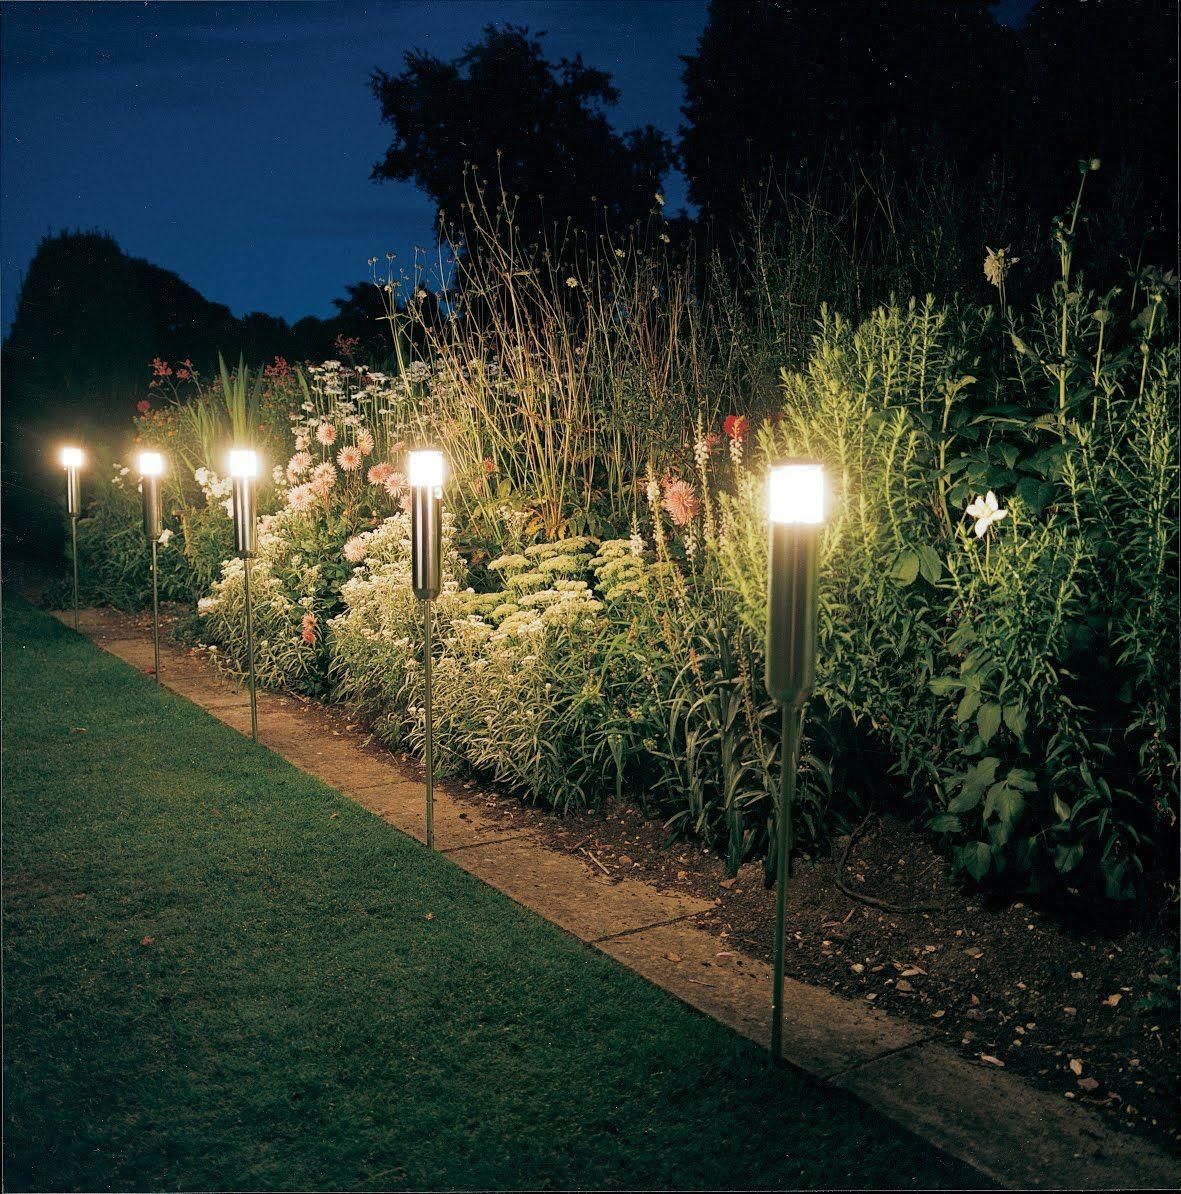 Lámparas de exterior: Estas son la mejor opción para iluminar exteriores y de acuerdo a su diseño podemos hacer que nuestros espacios verdes luzcan realmente hermosos y decorativos por las noches. http://www.equipamientohogar.com/instalacion-electrica/lamparas-de-exterior/  http://www.iluminacionpro.com/lamparas/lamparas-de-exterior.html